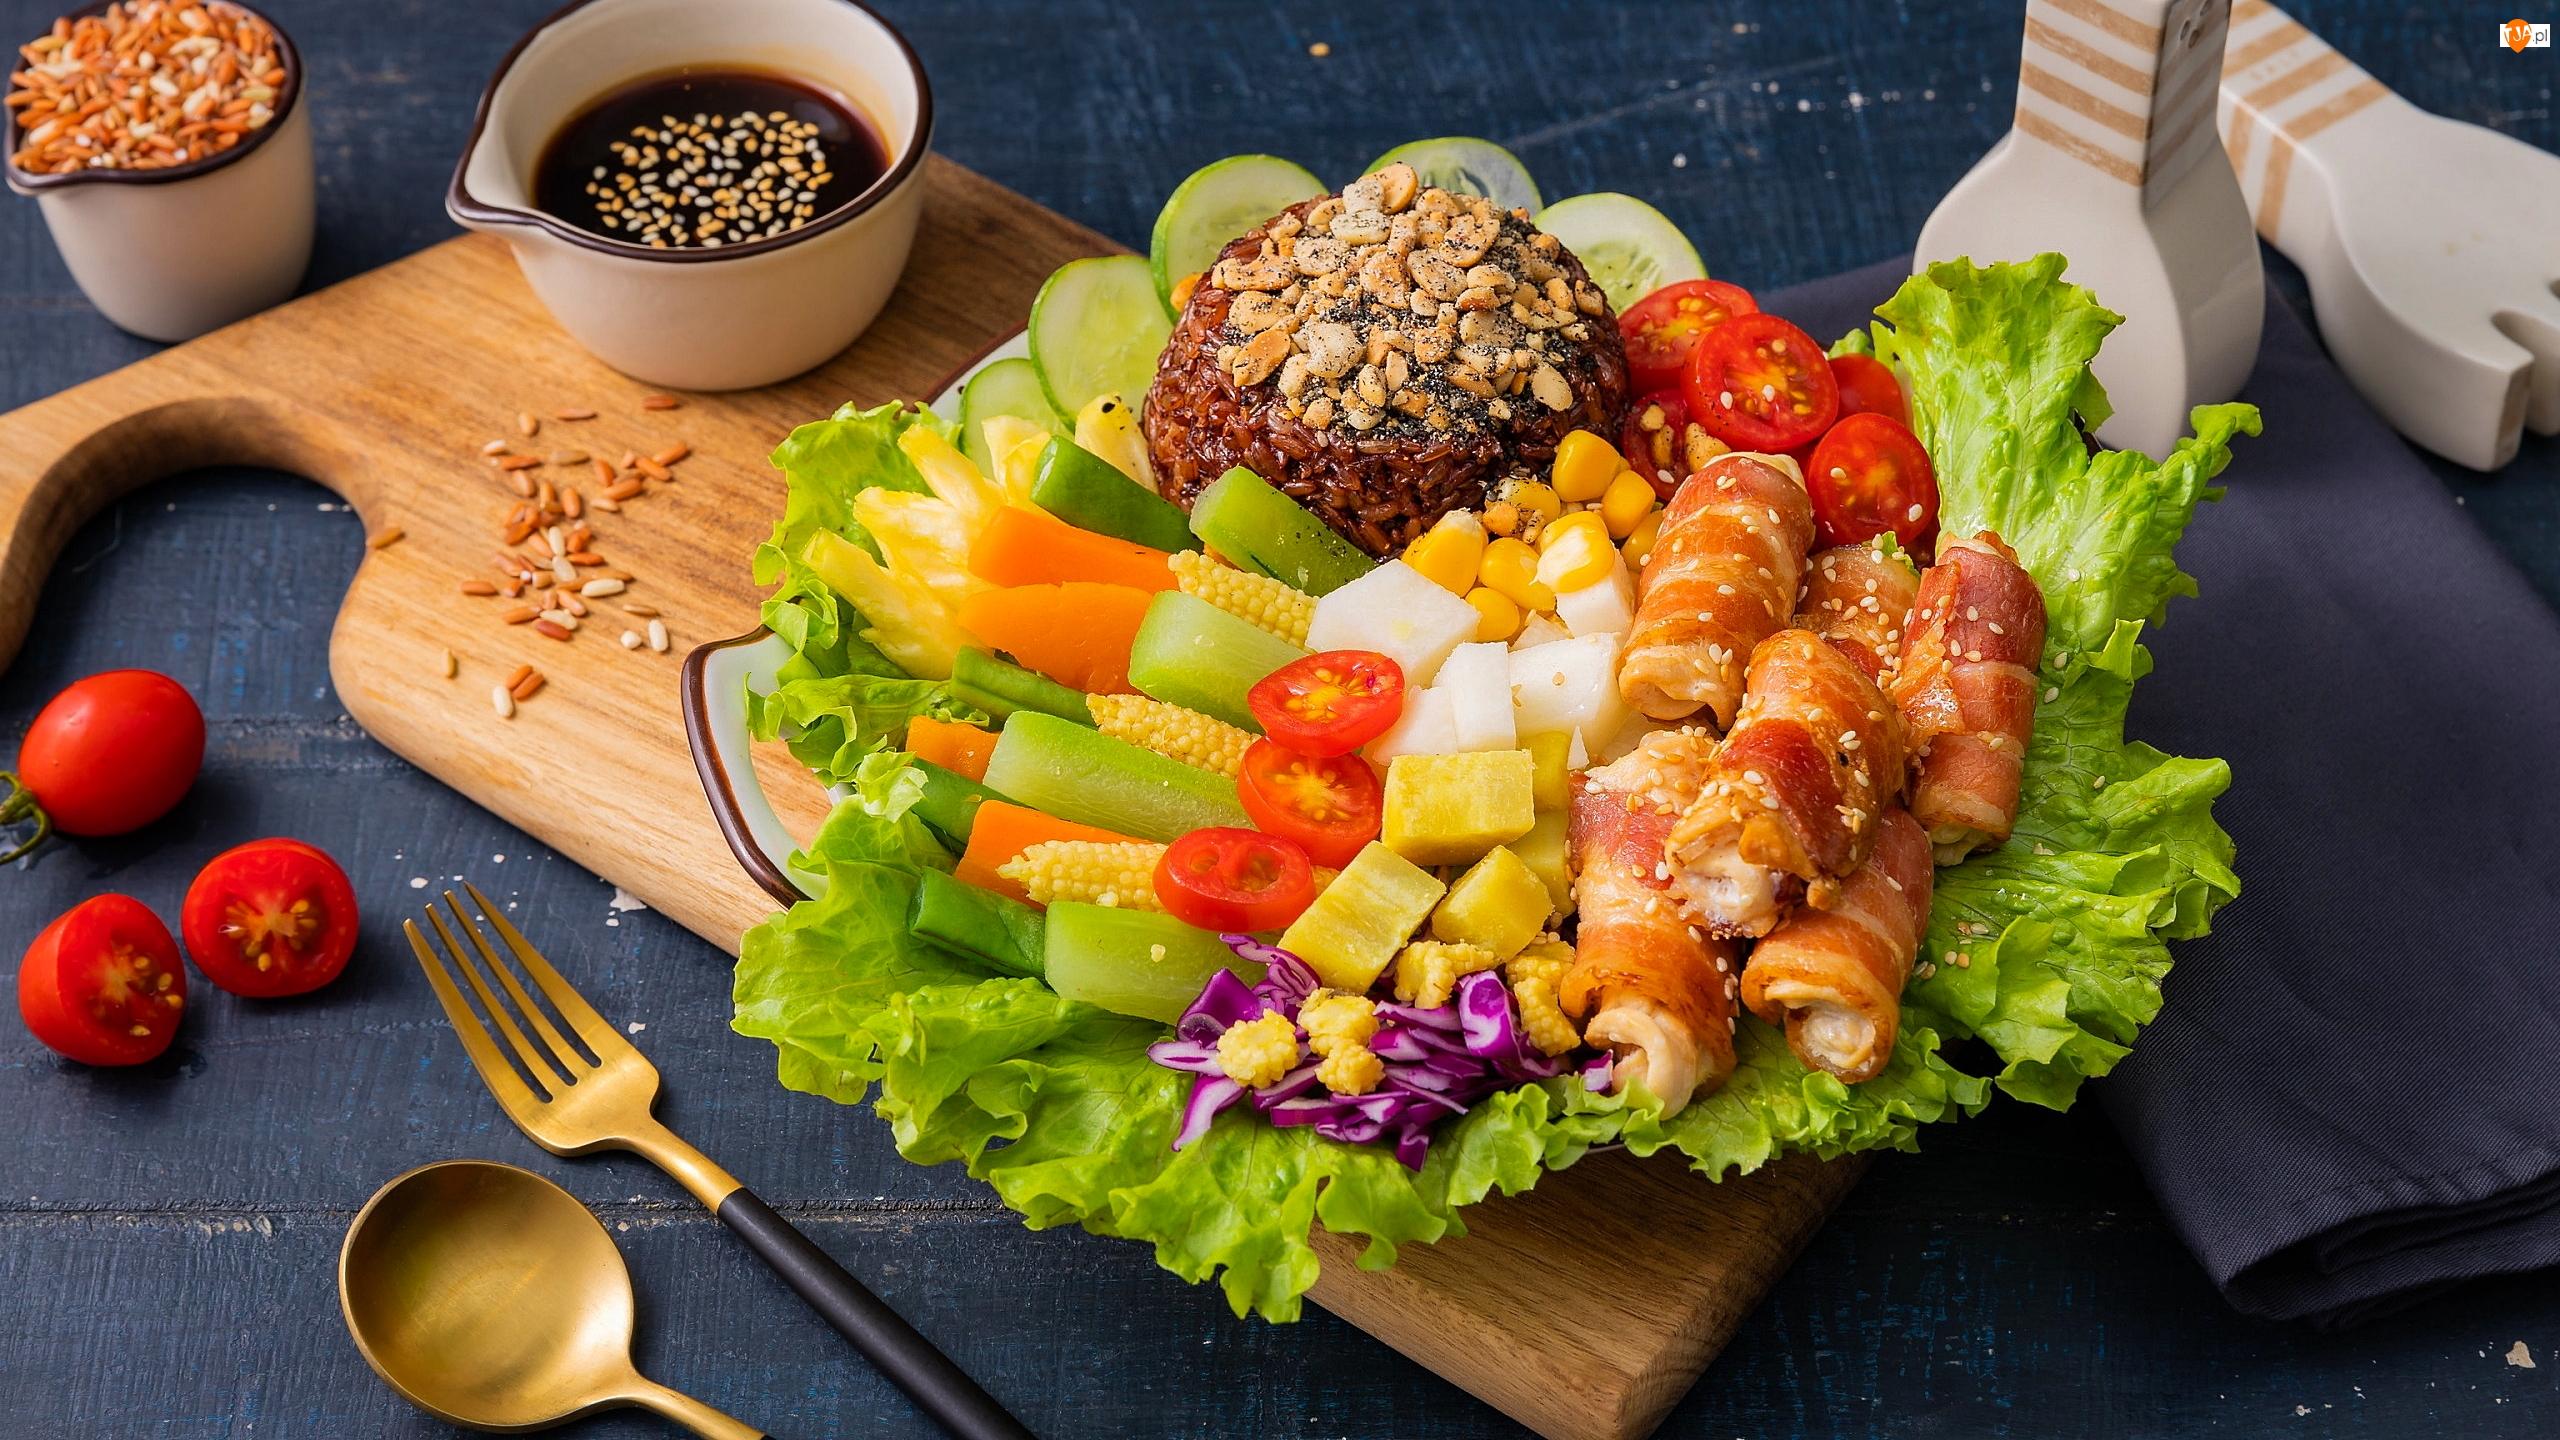 Warzywa, Sos, Ryż, Mięso, Deska